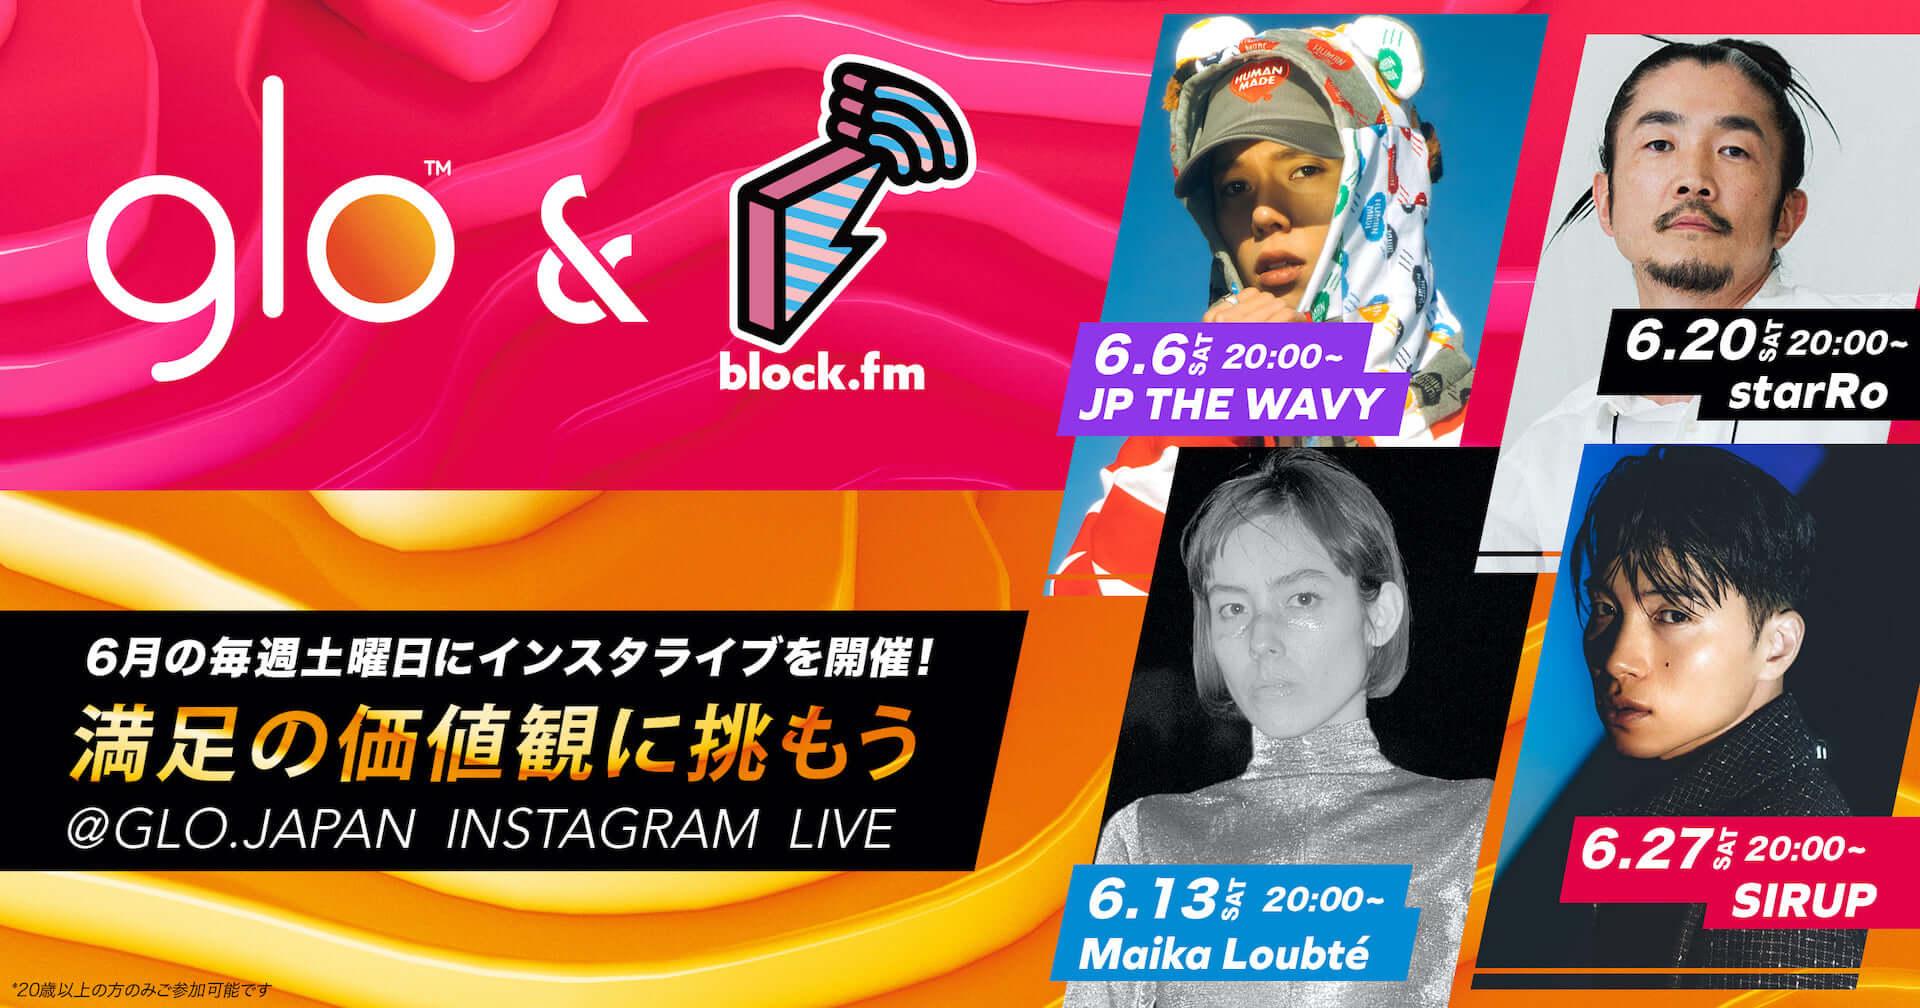 glo™とblock.fmによる新企画にSIRUP、starRo、Maika Loubté、JP THE WAVYが出演決定|IG LIVEにて週替わりでライブ配信 music200601_glo_blockfm_1-1920x1008